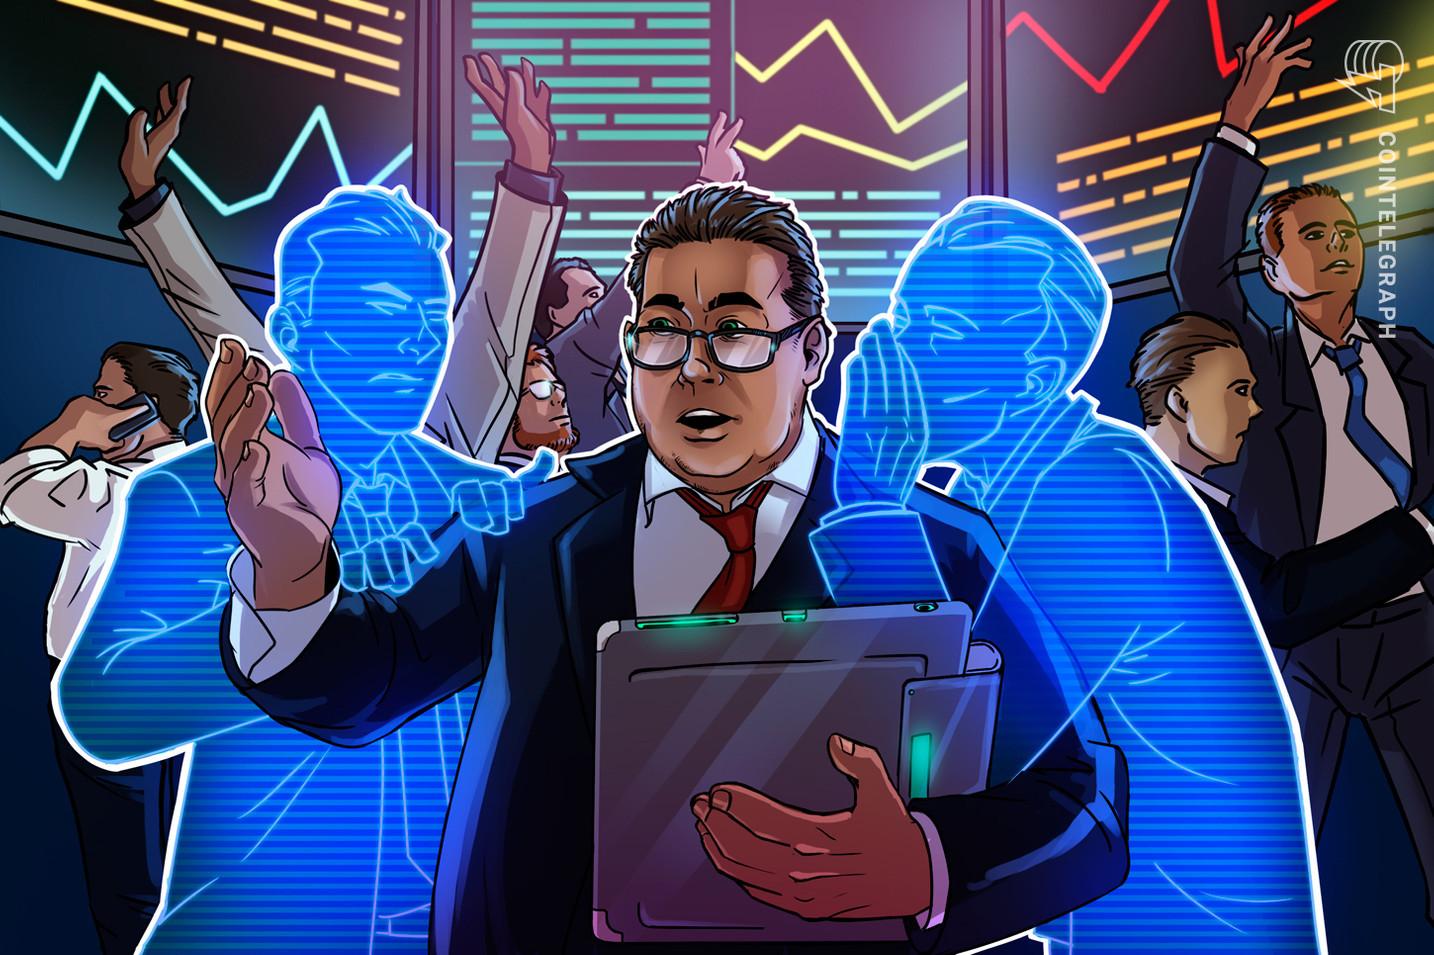 El precio de Bitcoin es volátil 24 horas antes del  halving, los indicadores clave son alcistas